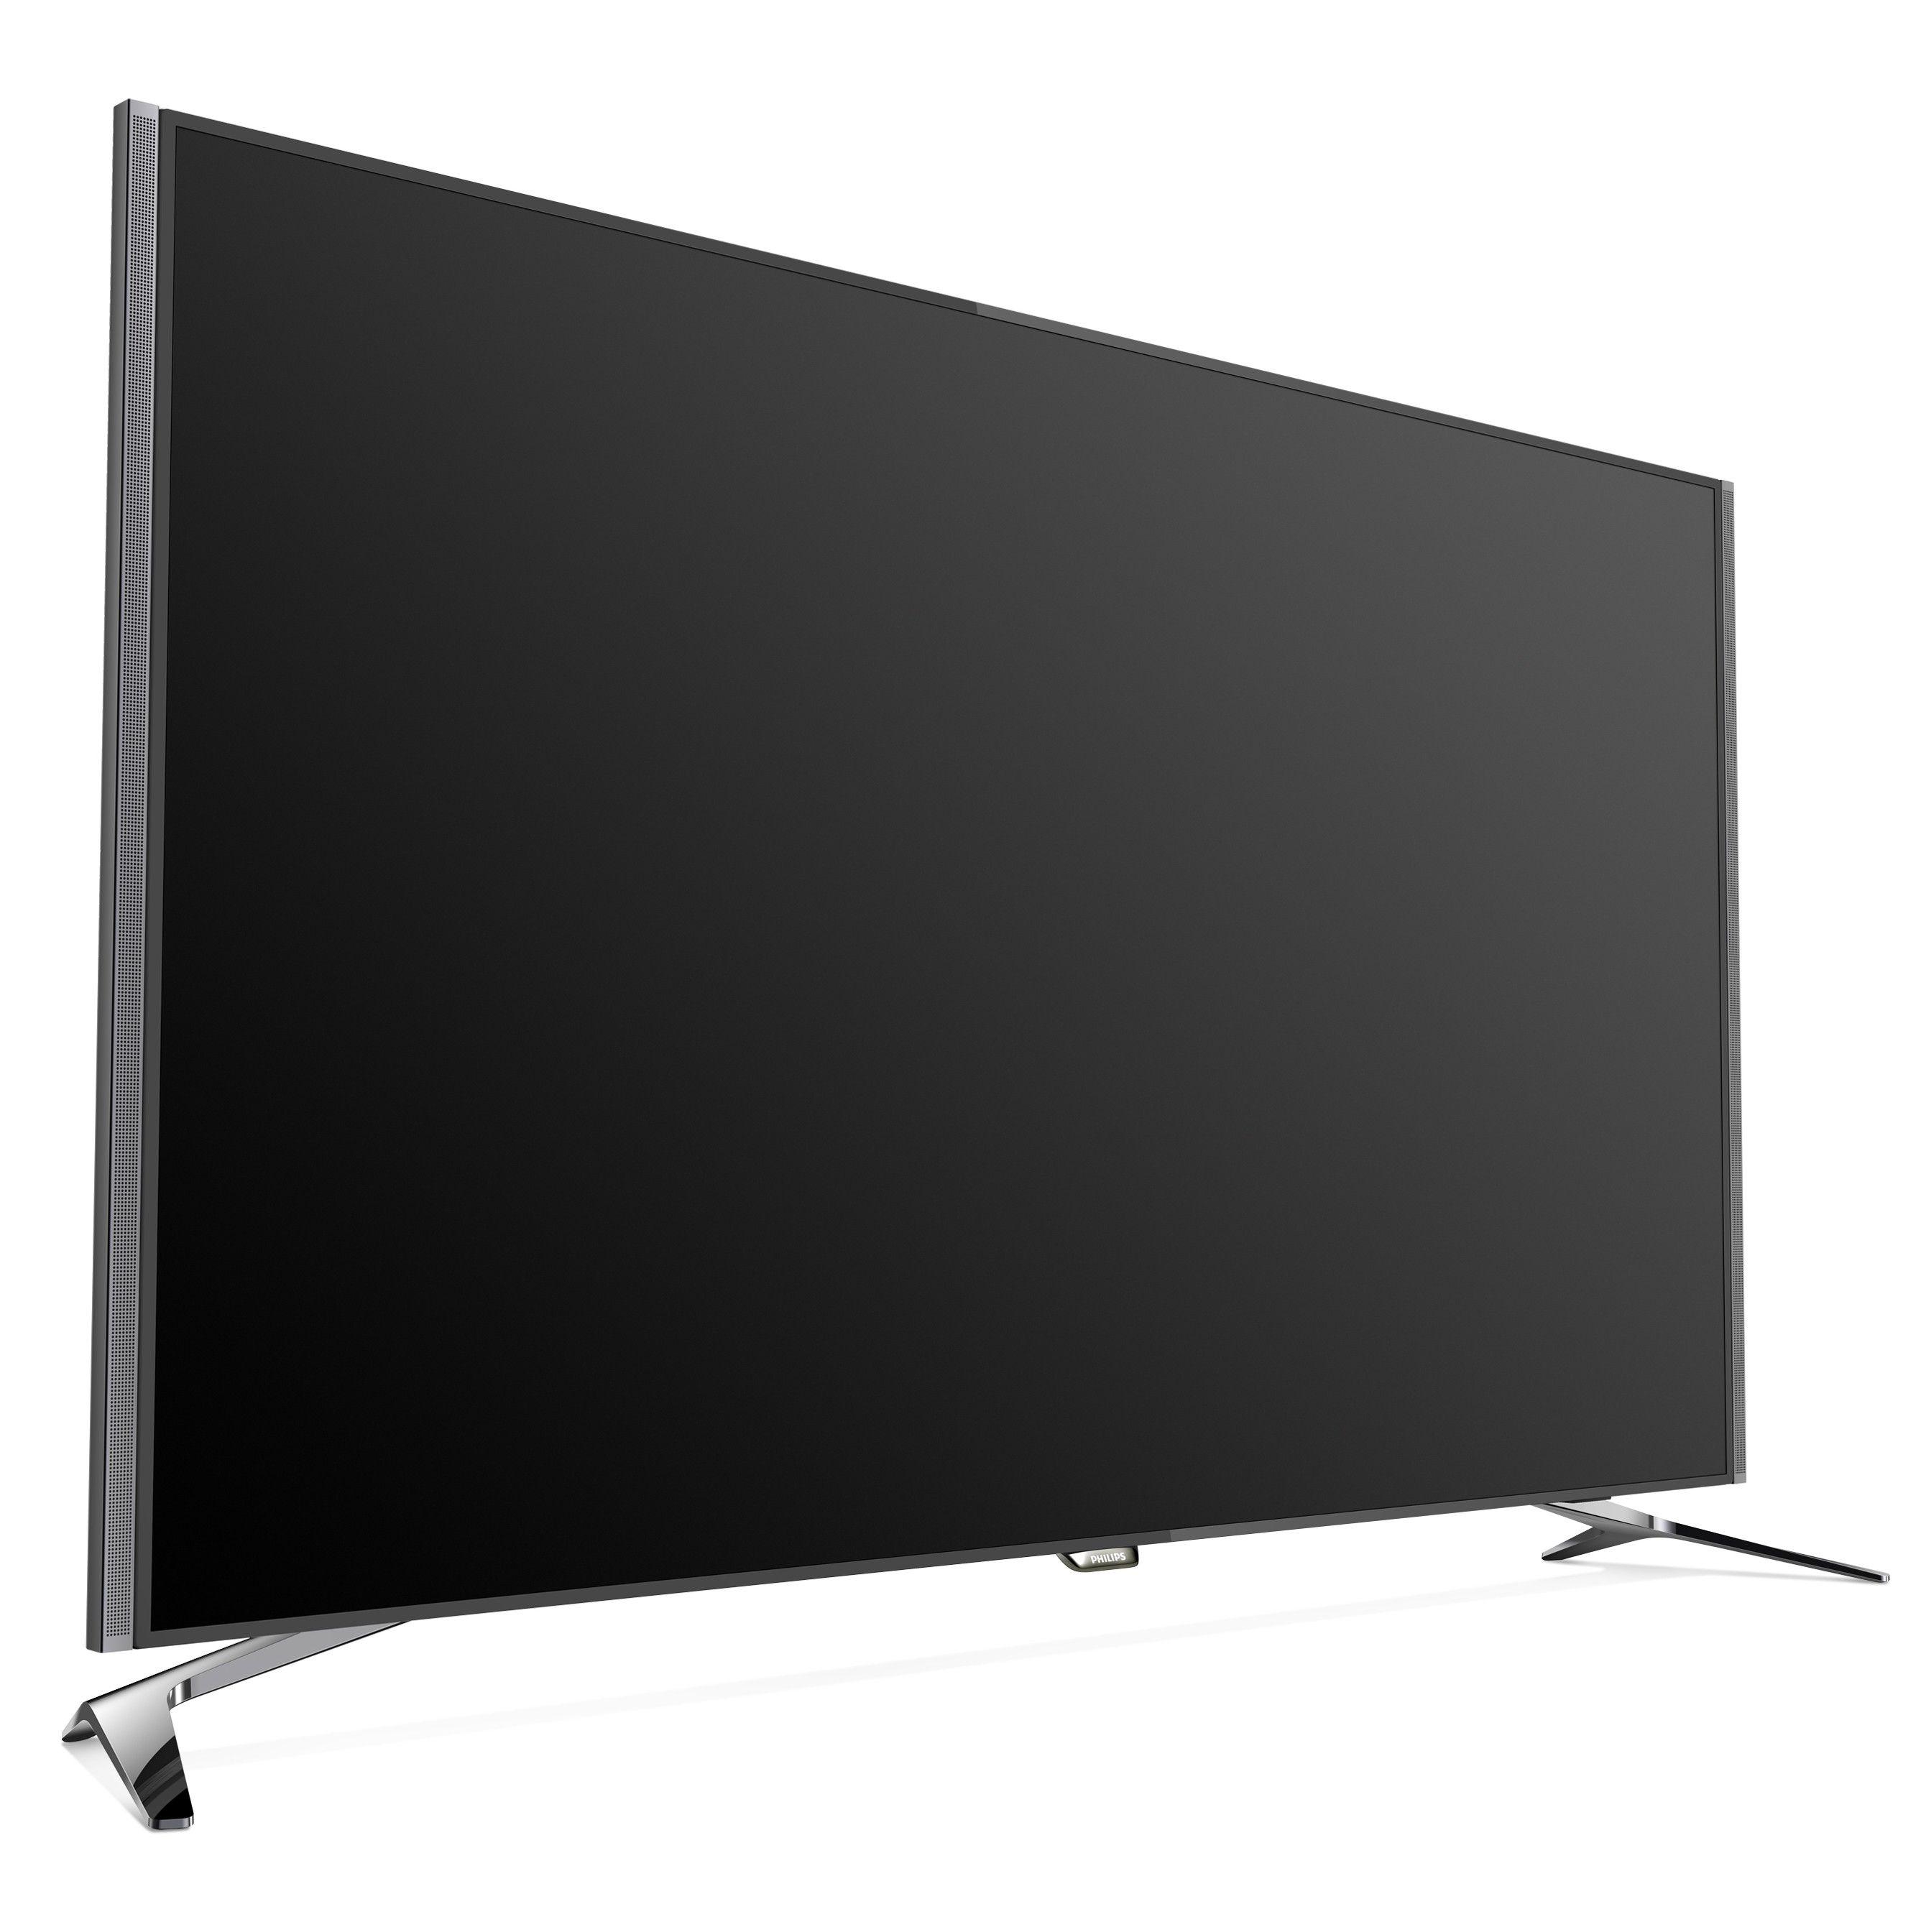 philips 55pus8601 disponibilit caract ristiques meilleurs prix. Black Bedroom Furniture Sets. Home Design Ideas